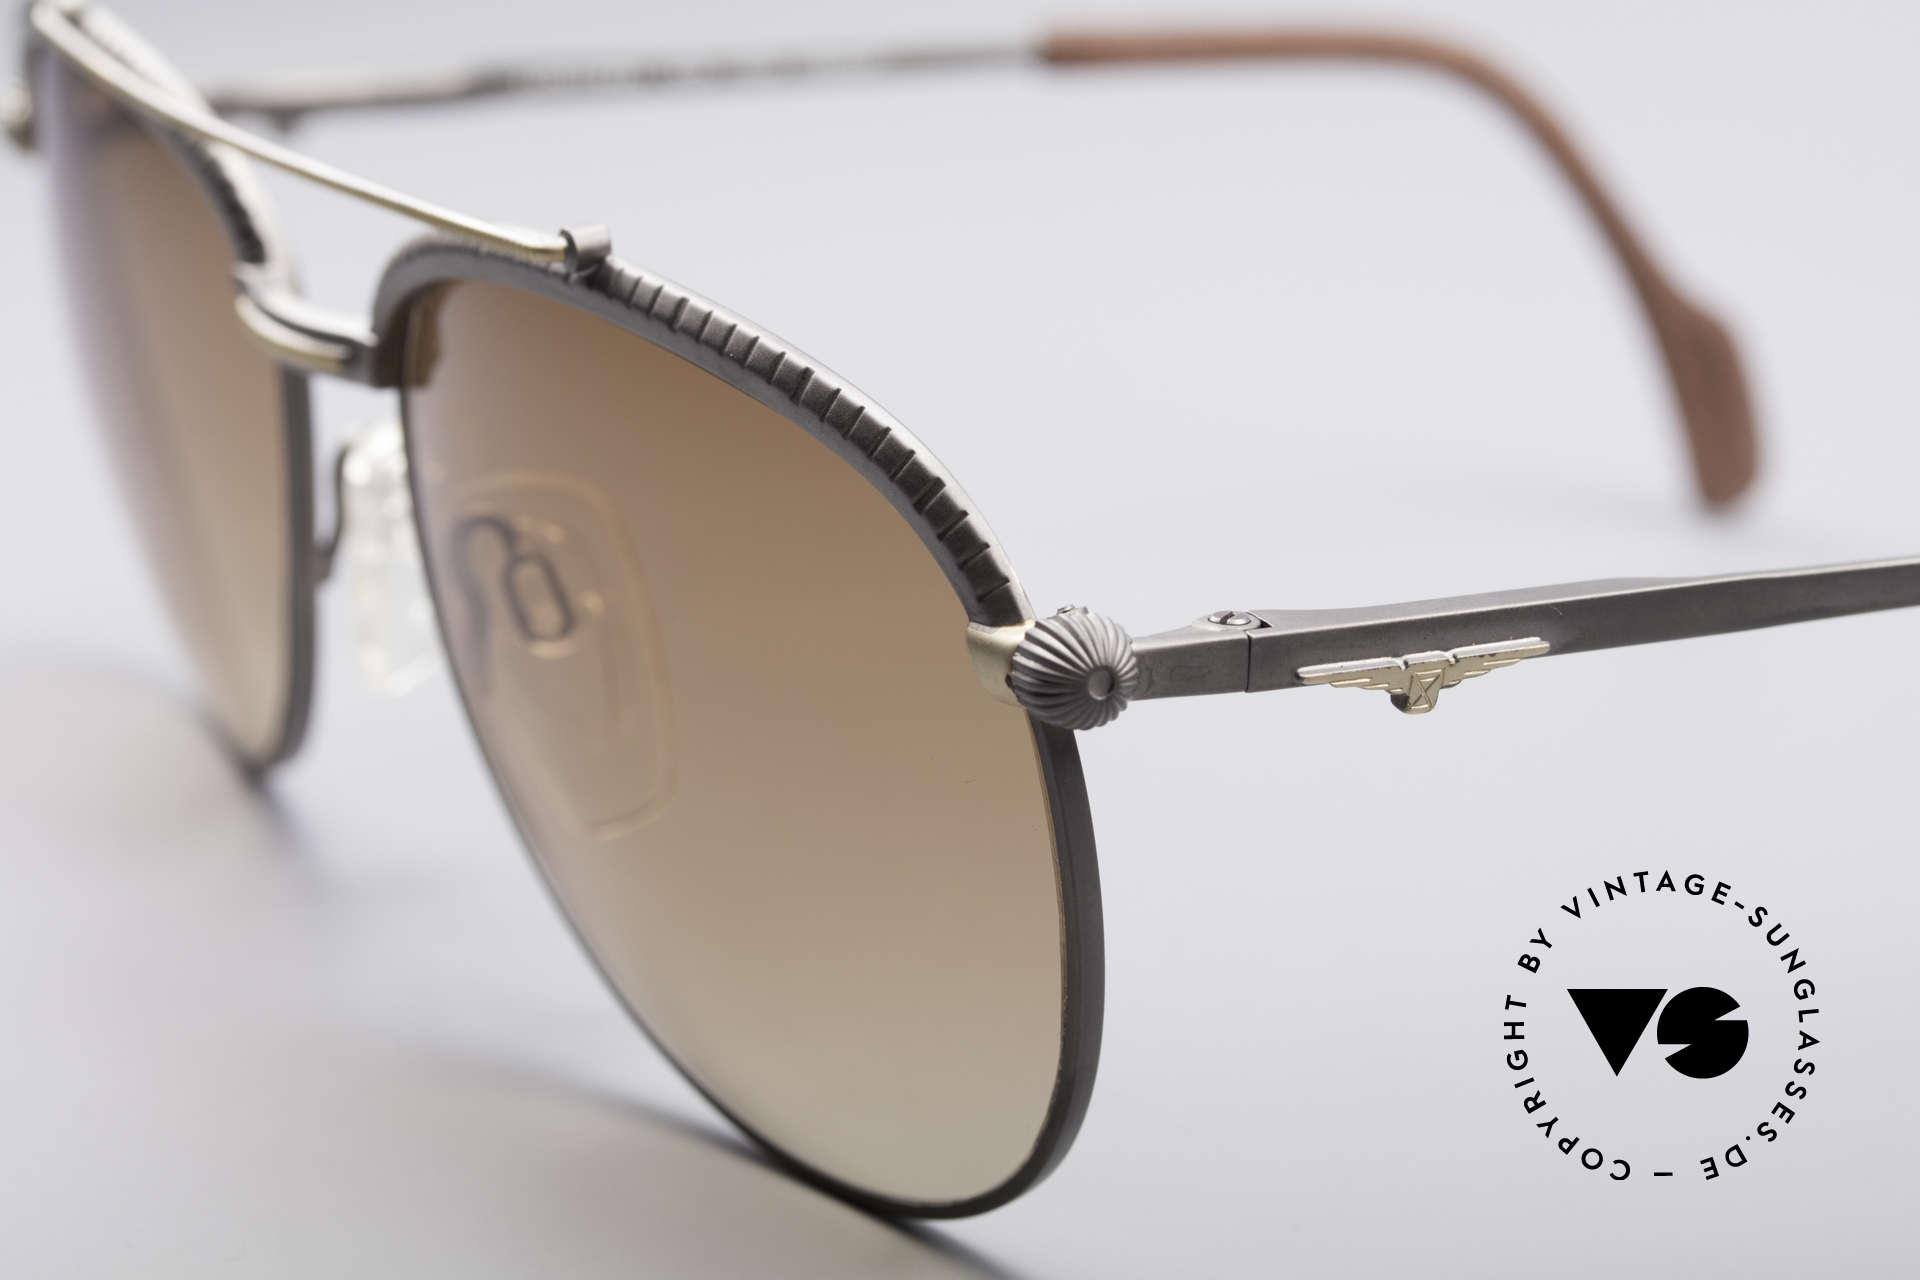 Longines 0161 80er Luxus Sonnenbrille, ungetragen (wie alle unsere alten LONGINES Unikate), Passend für Herren